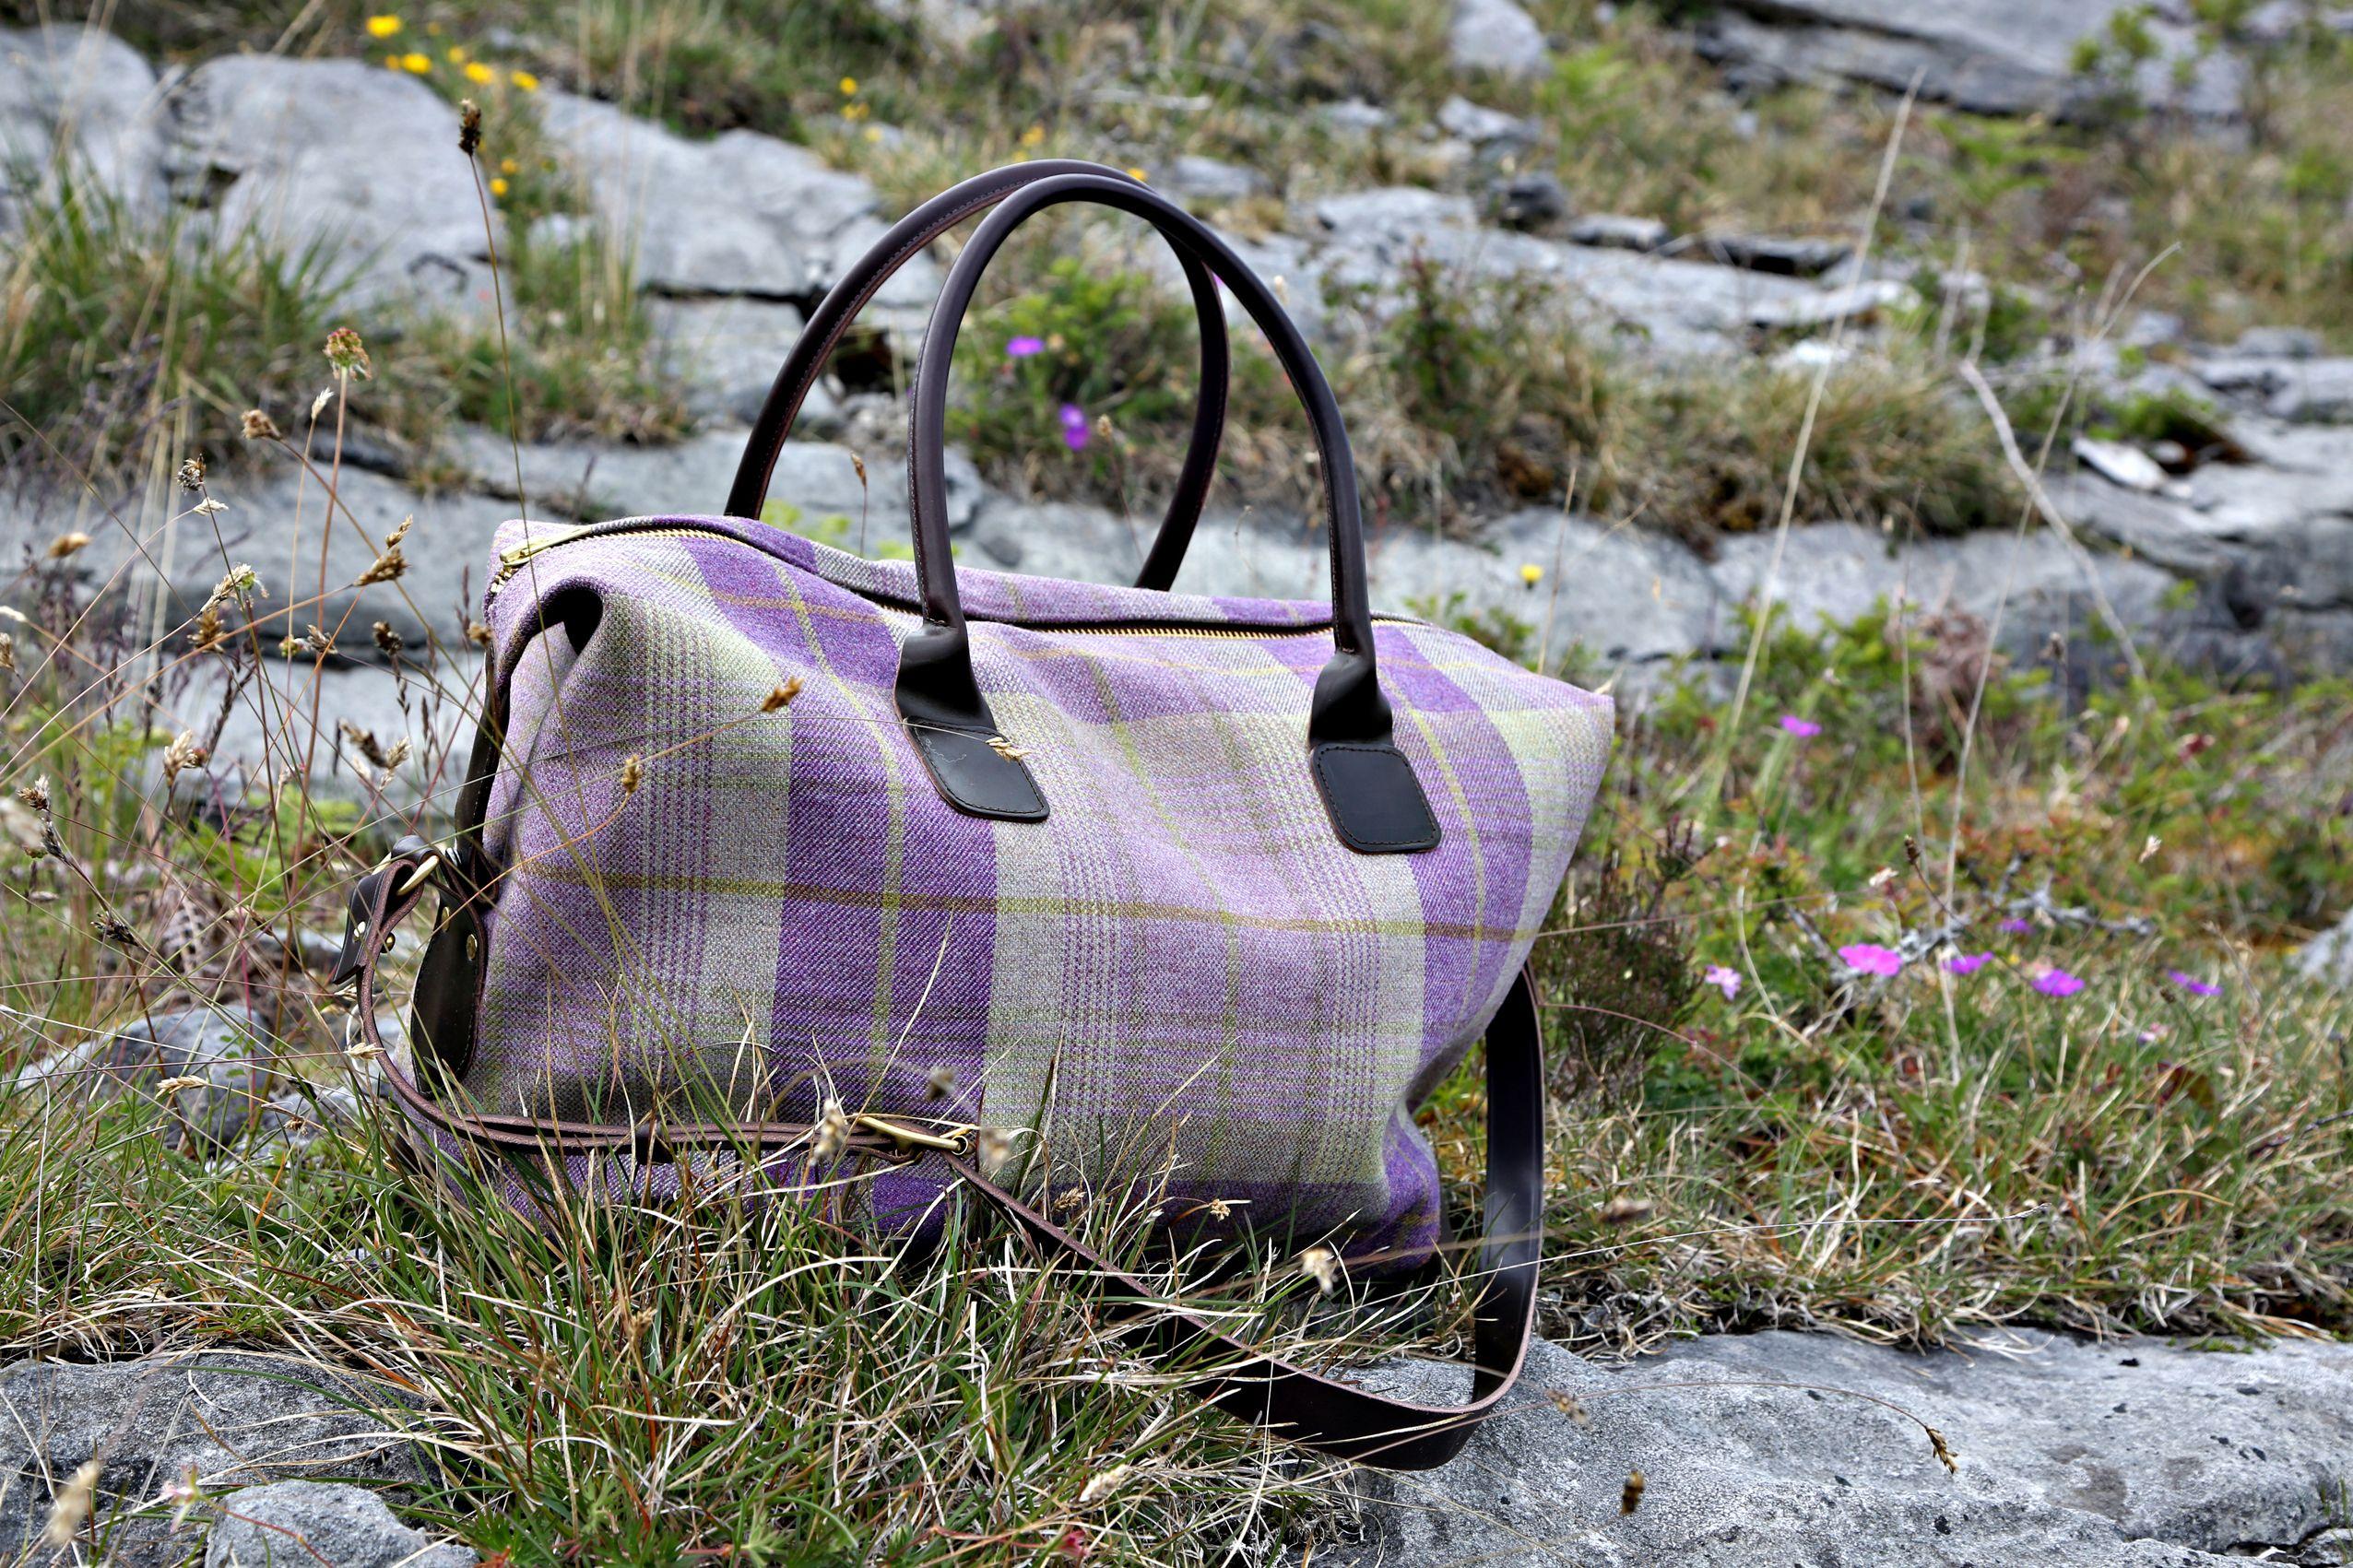 Rannoch Weekend Bag, photographed in The Burren, Ireland. ANTA ...